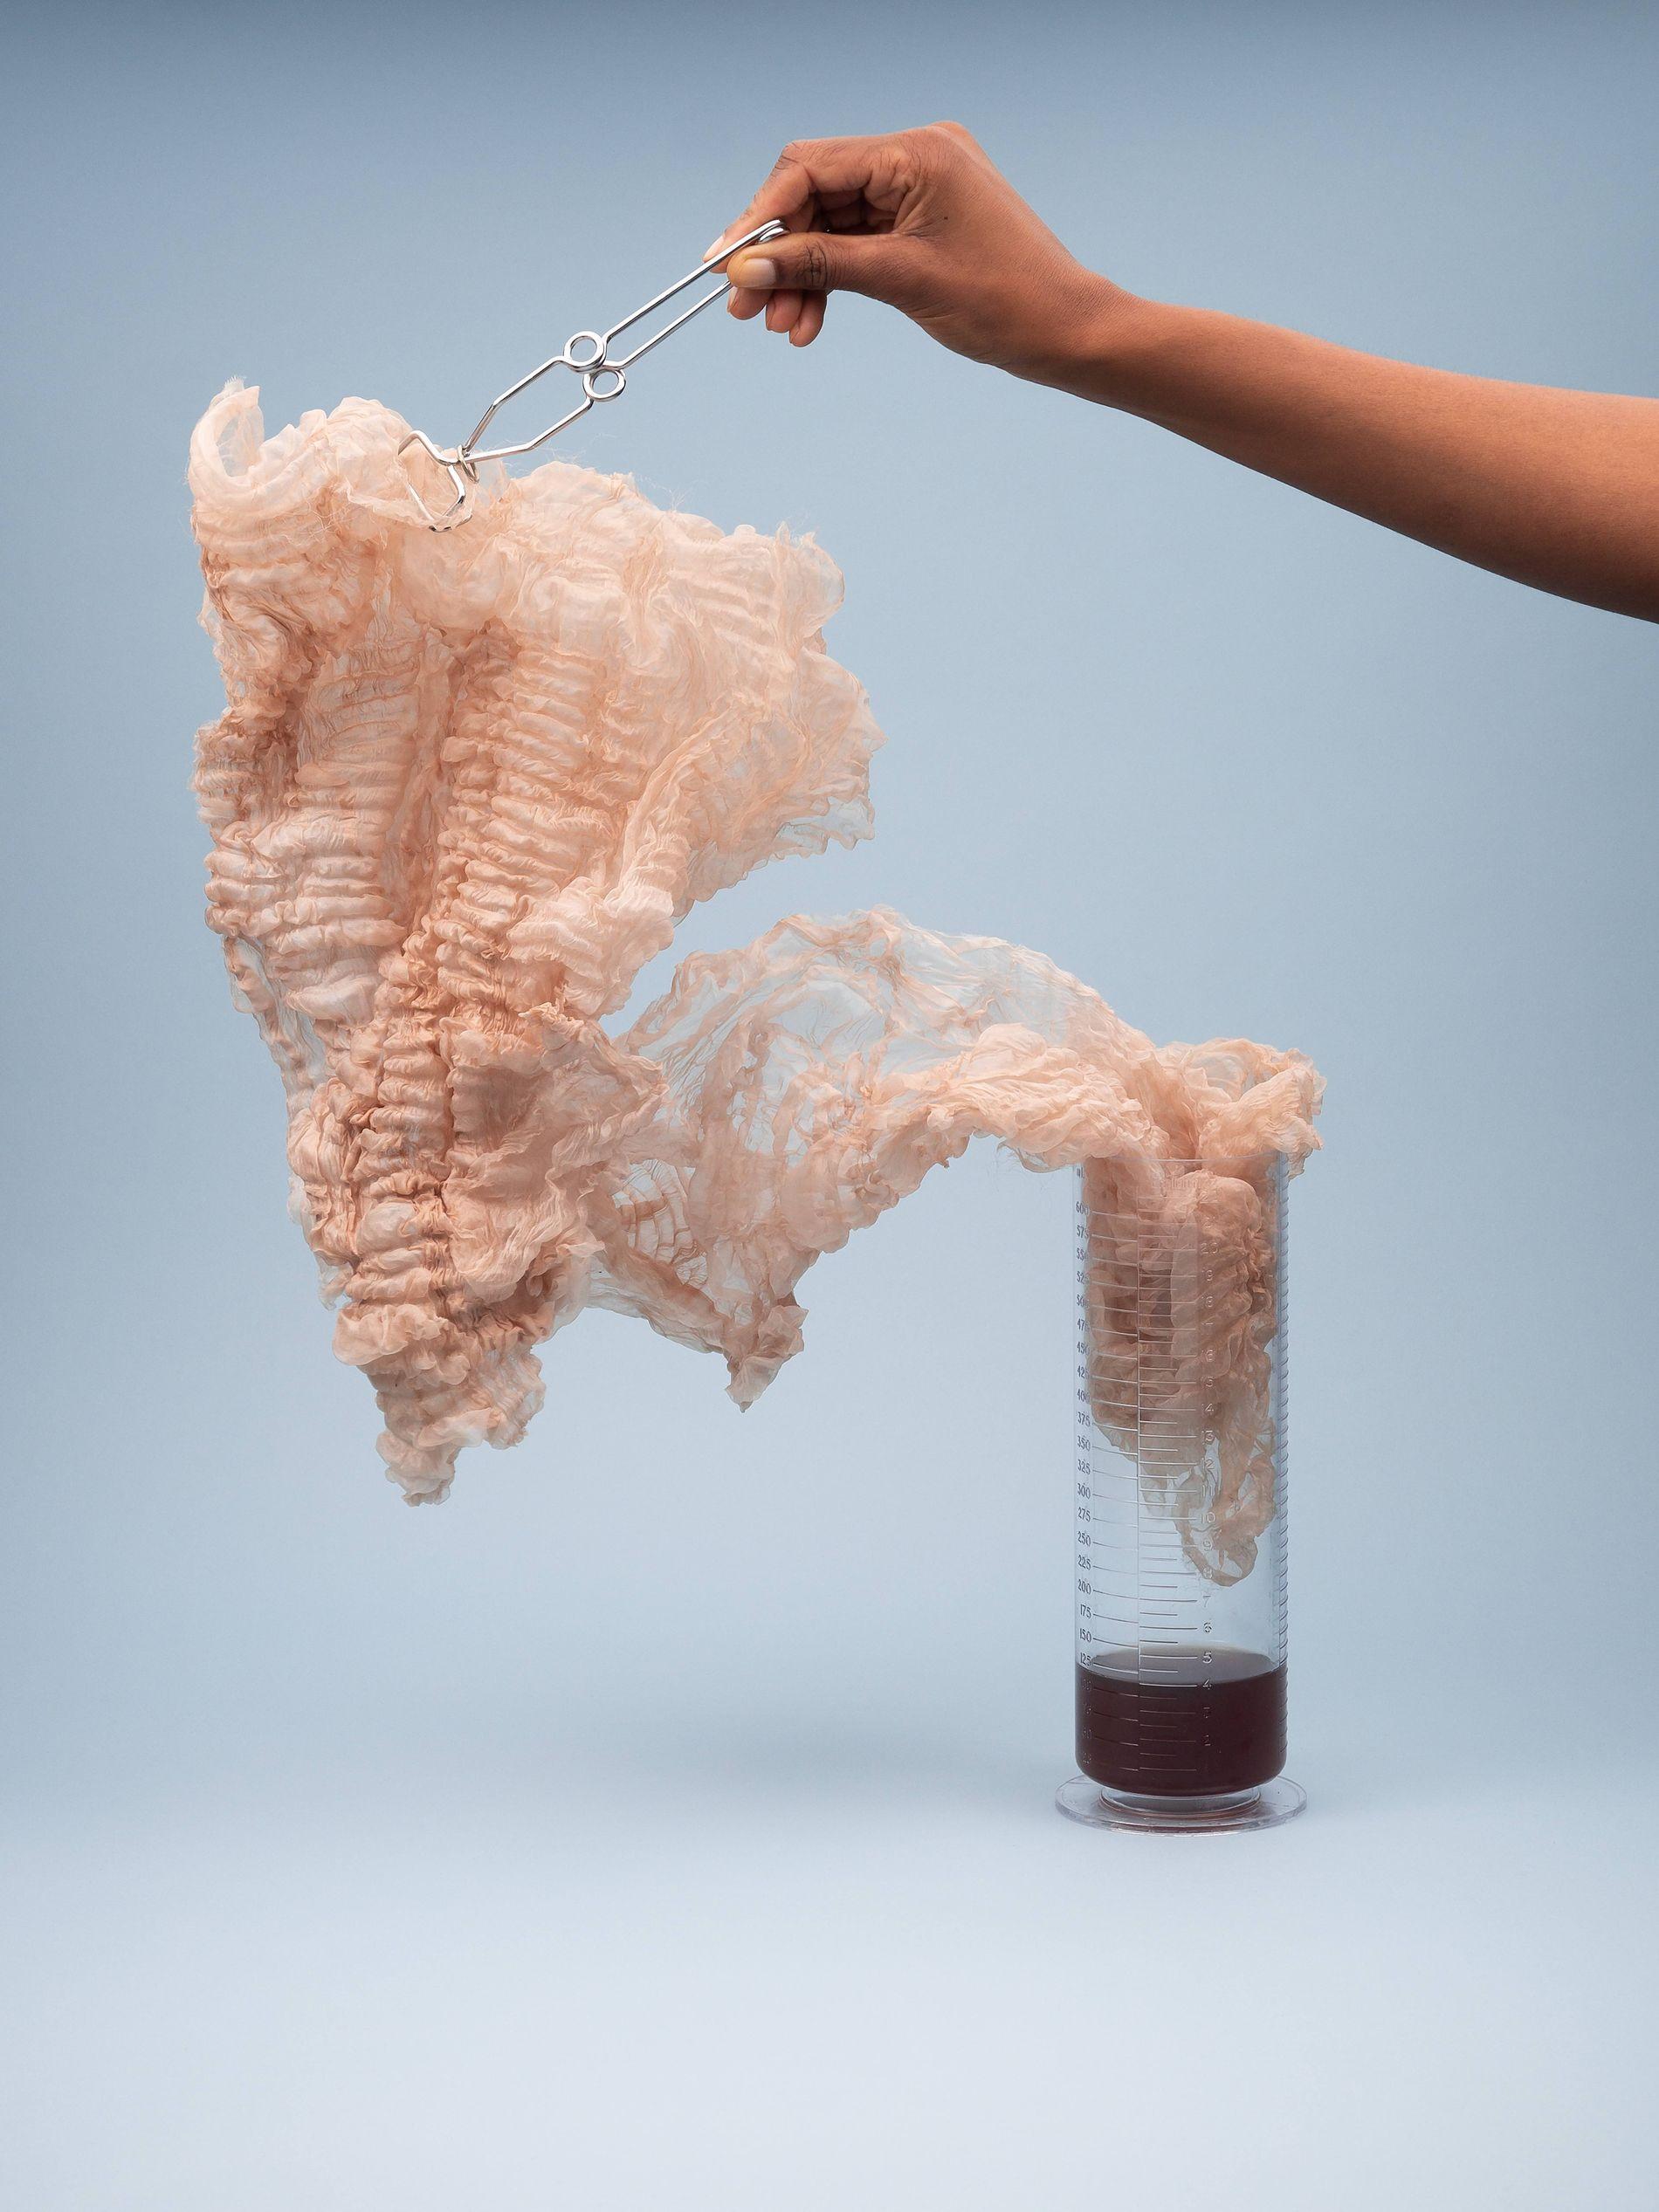 ENGLISH ROSE: I utstillingen fremstilles huden gjennom stoffer som både en beskyttelse, men også noe skjørt.